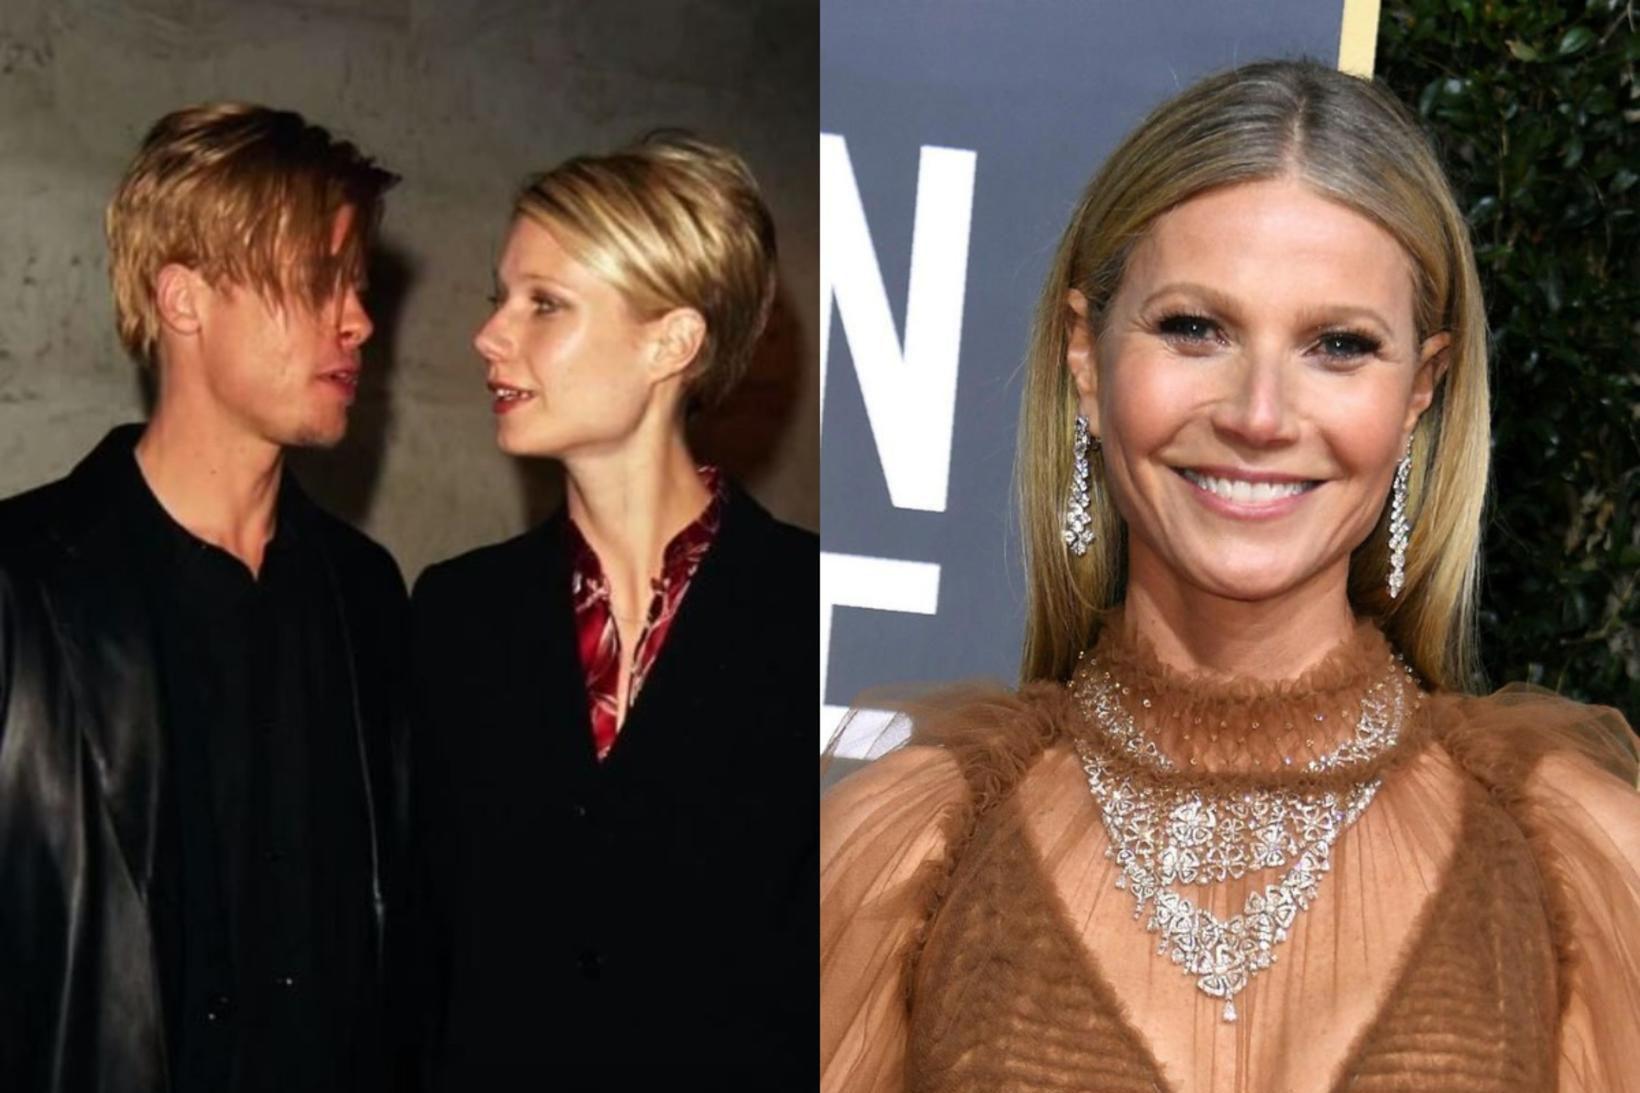 Gwyneth Paltrow sagði frá nokkrum mismunandi hárgreiðslum á Instagram-síðu sinni.